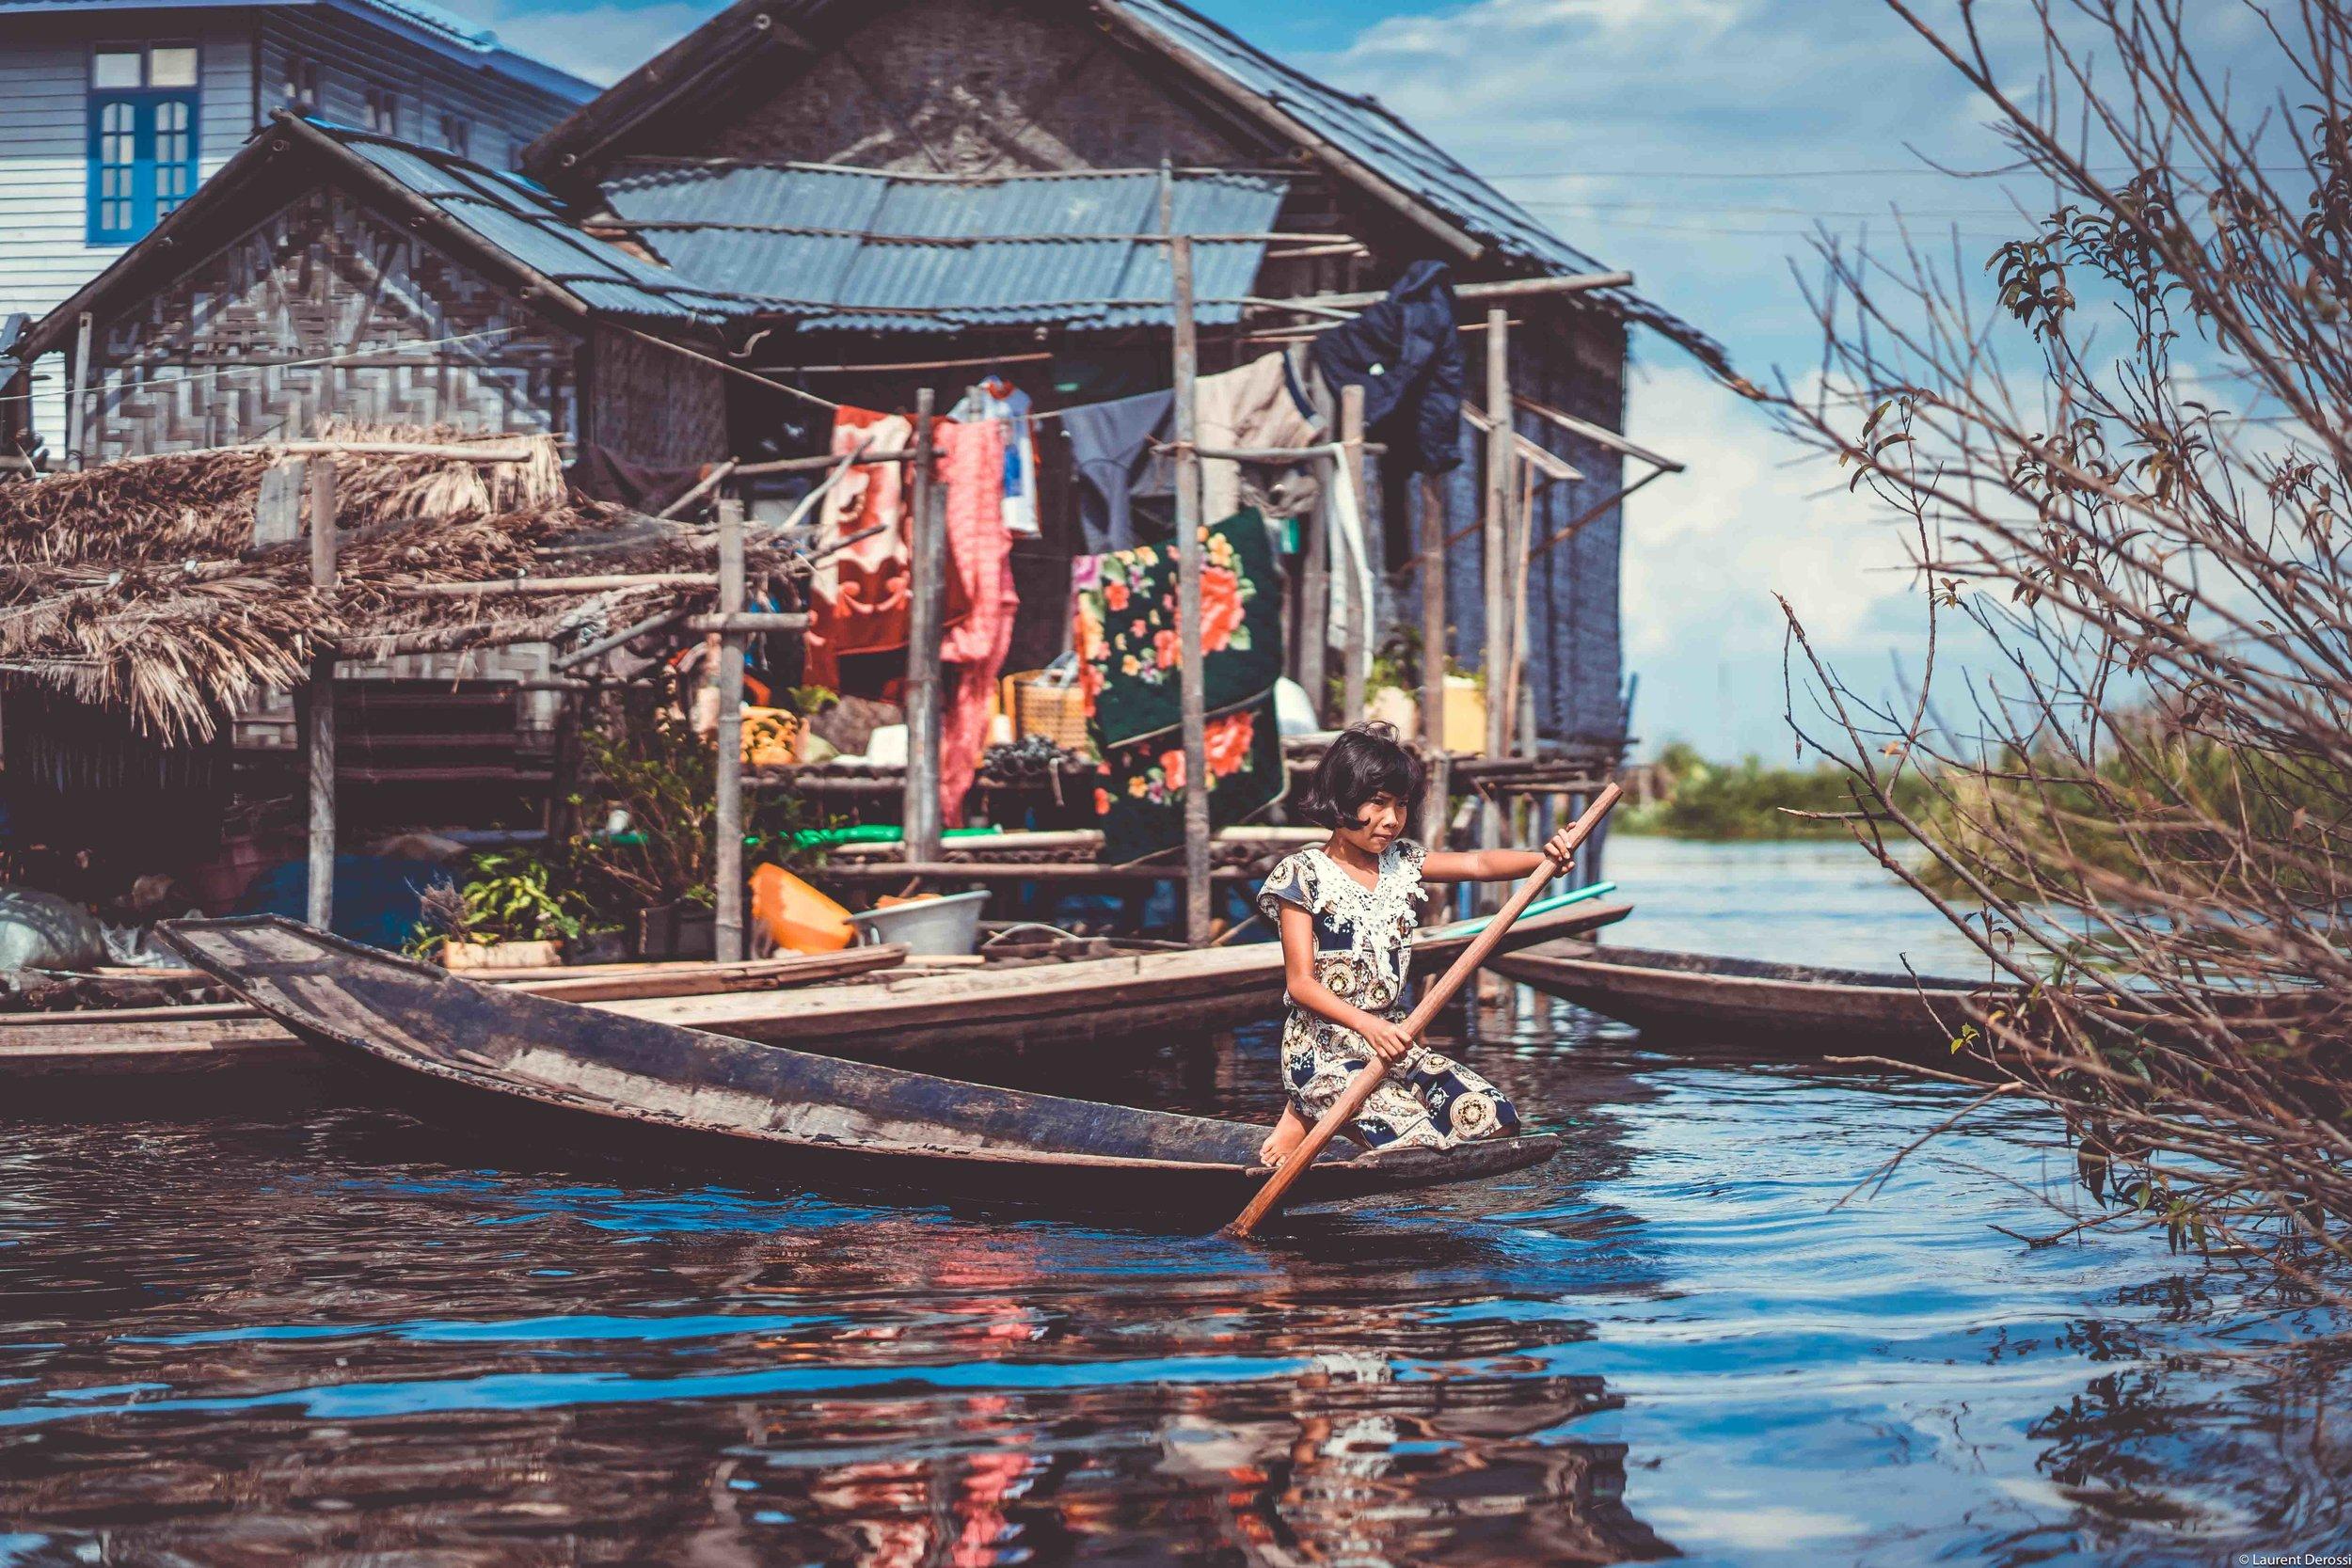 Myanmar-1-2 copie.jpg